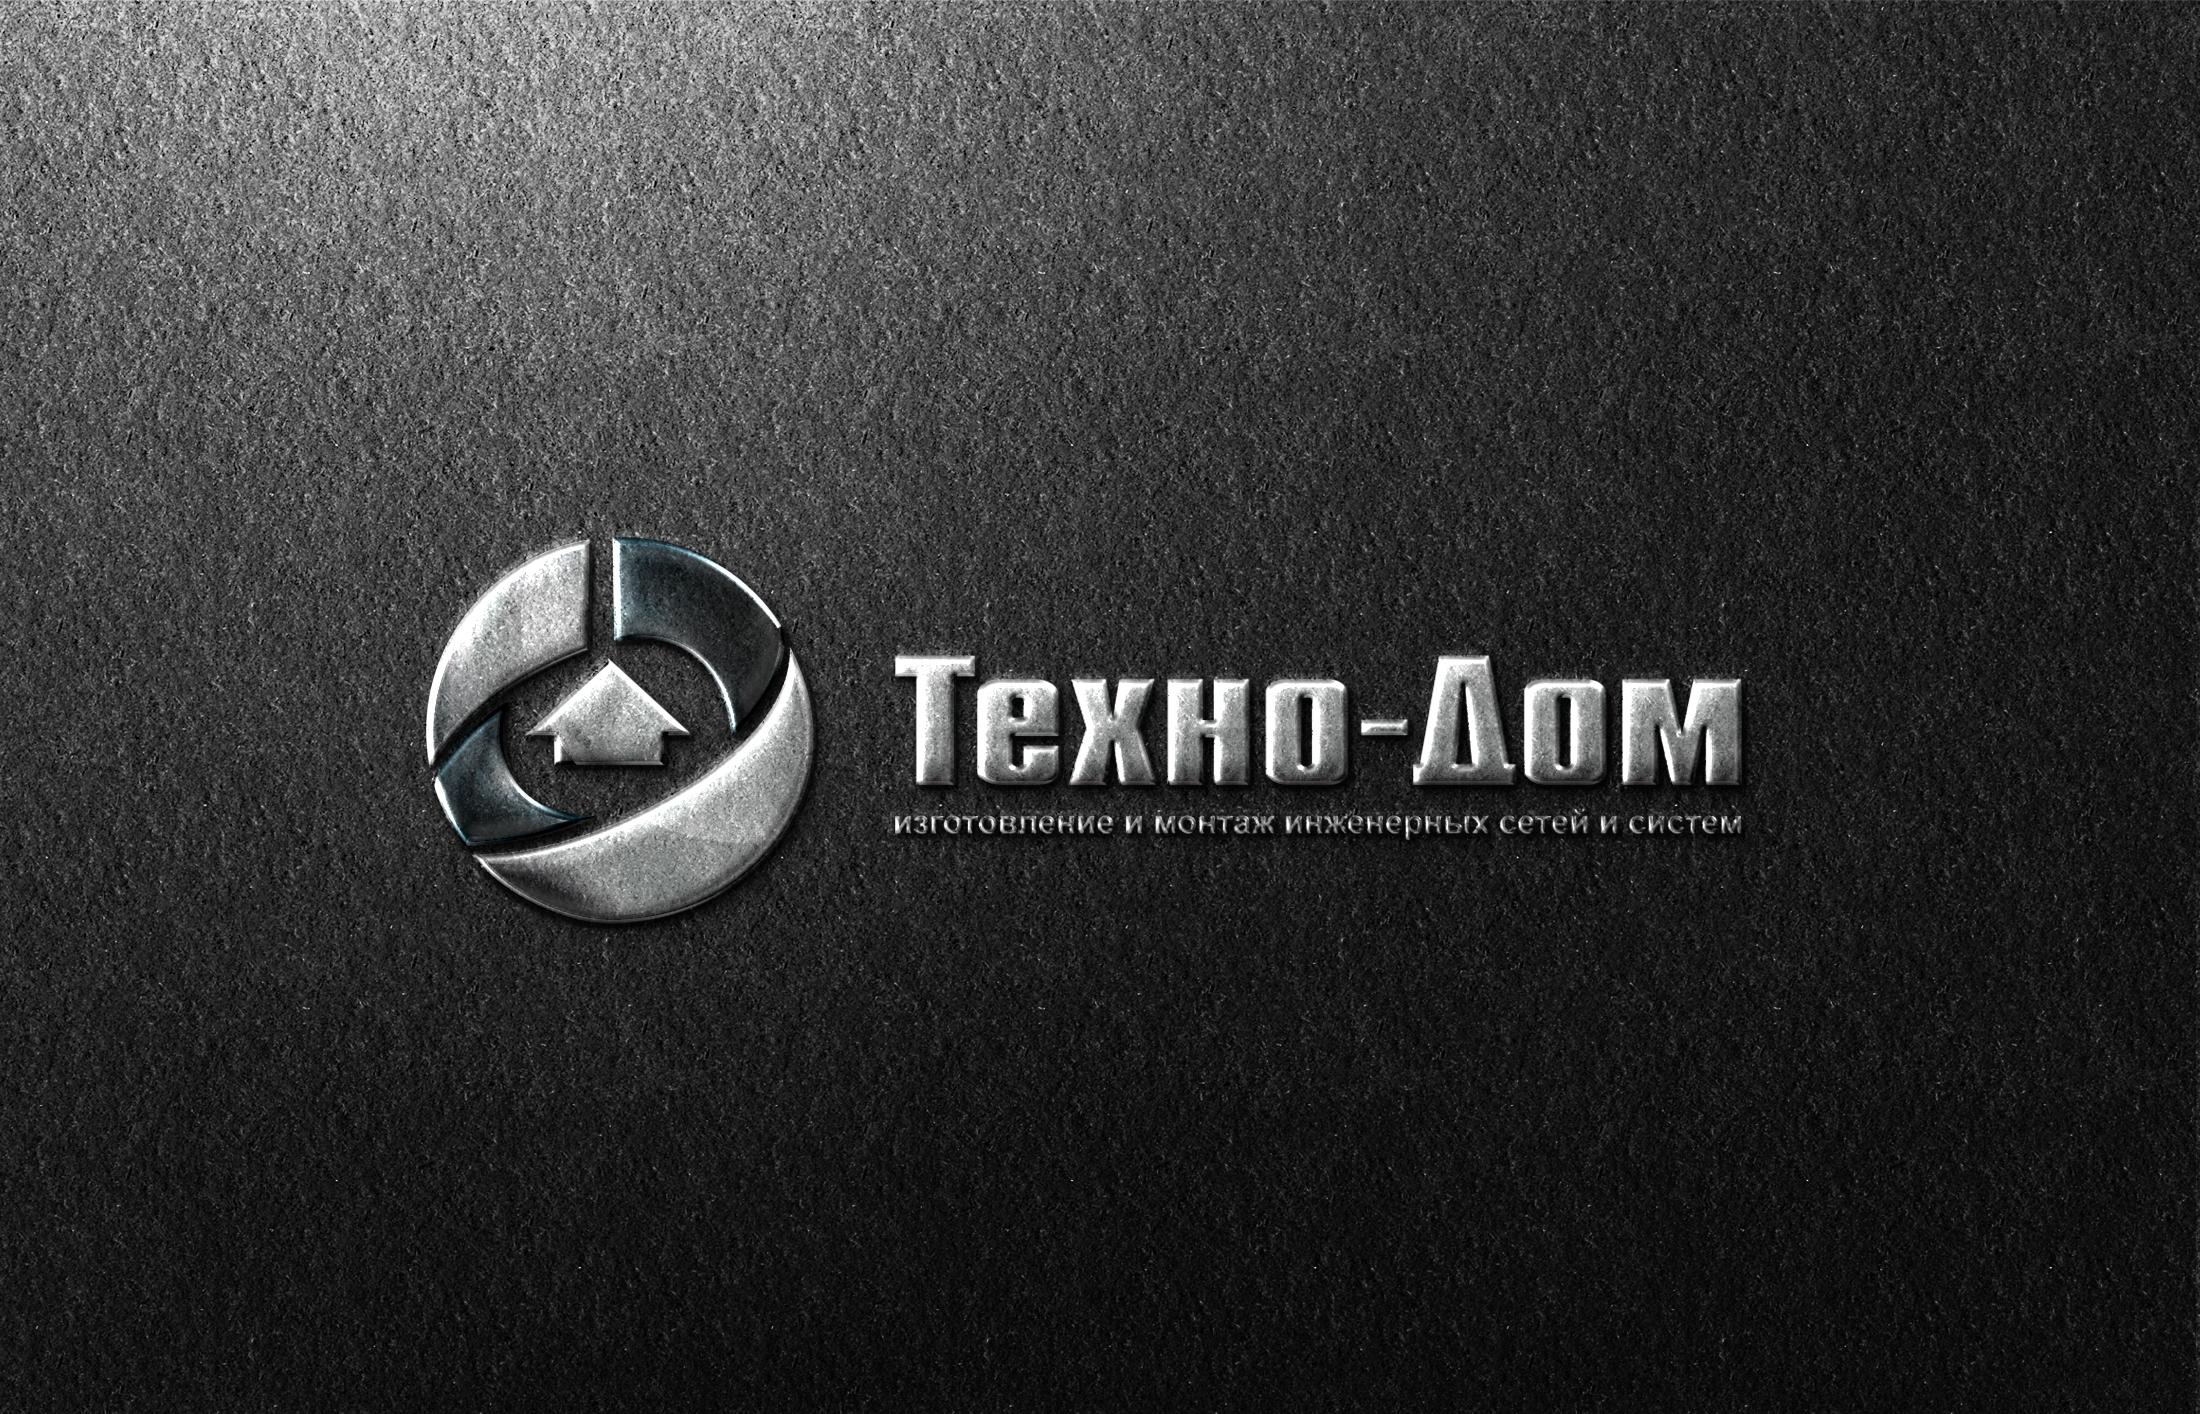 Техно-дом (1-е место в конкурсе)